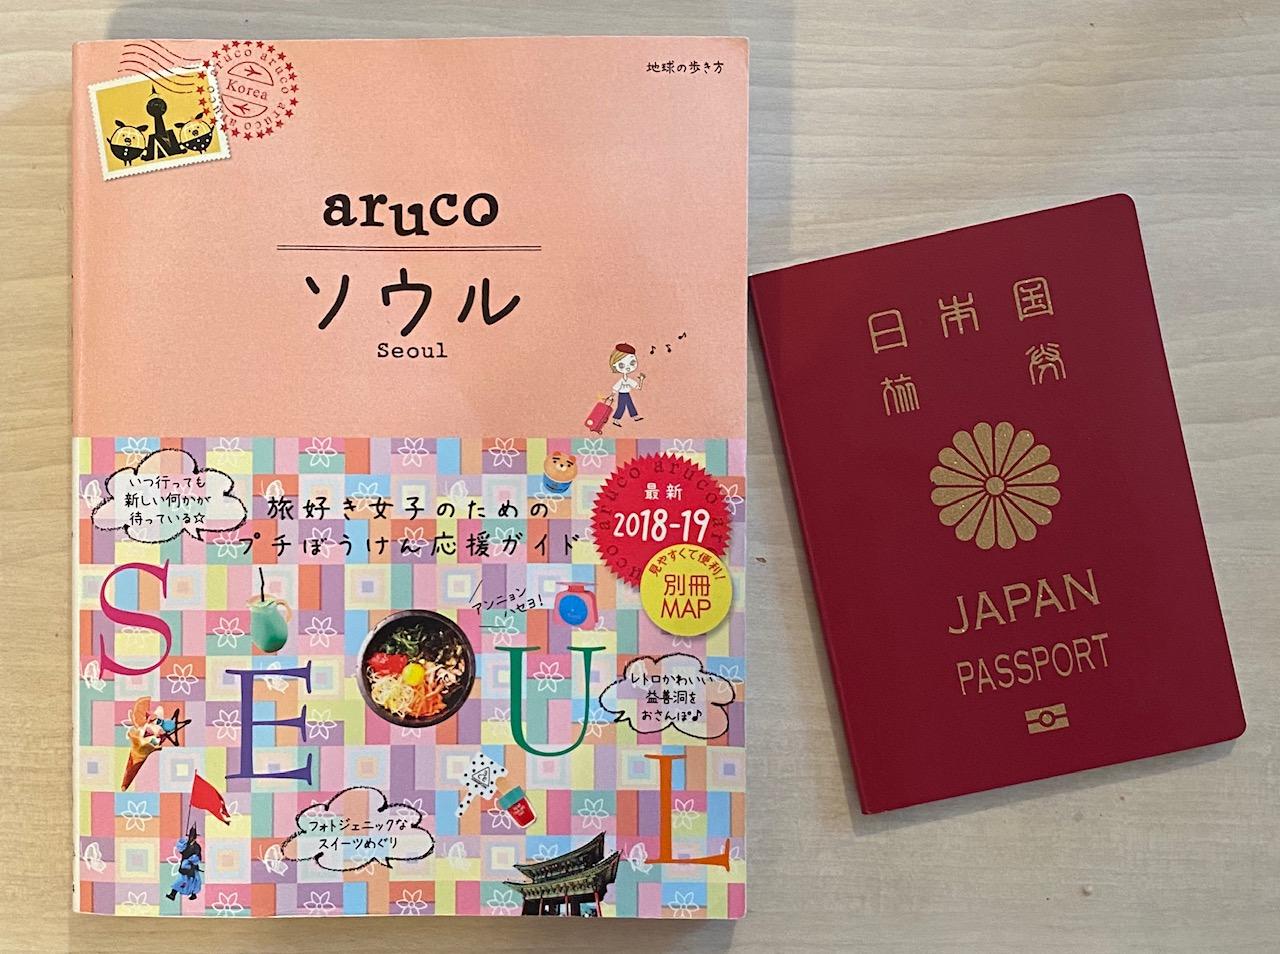 冬の韓国旅行持ち物リスト